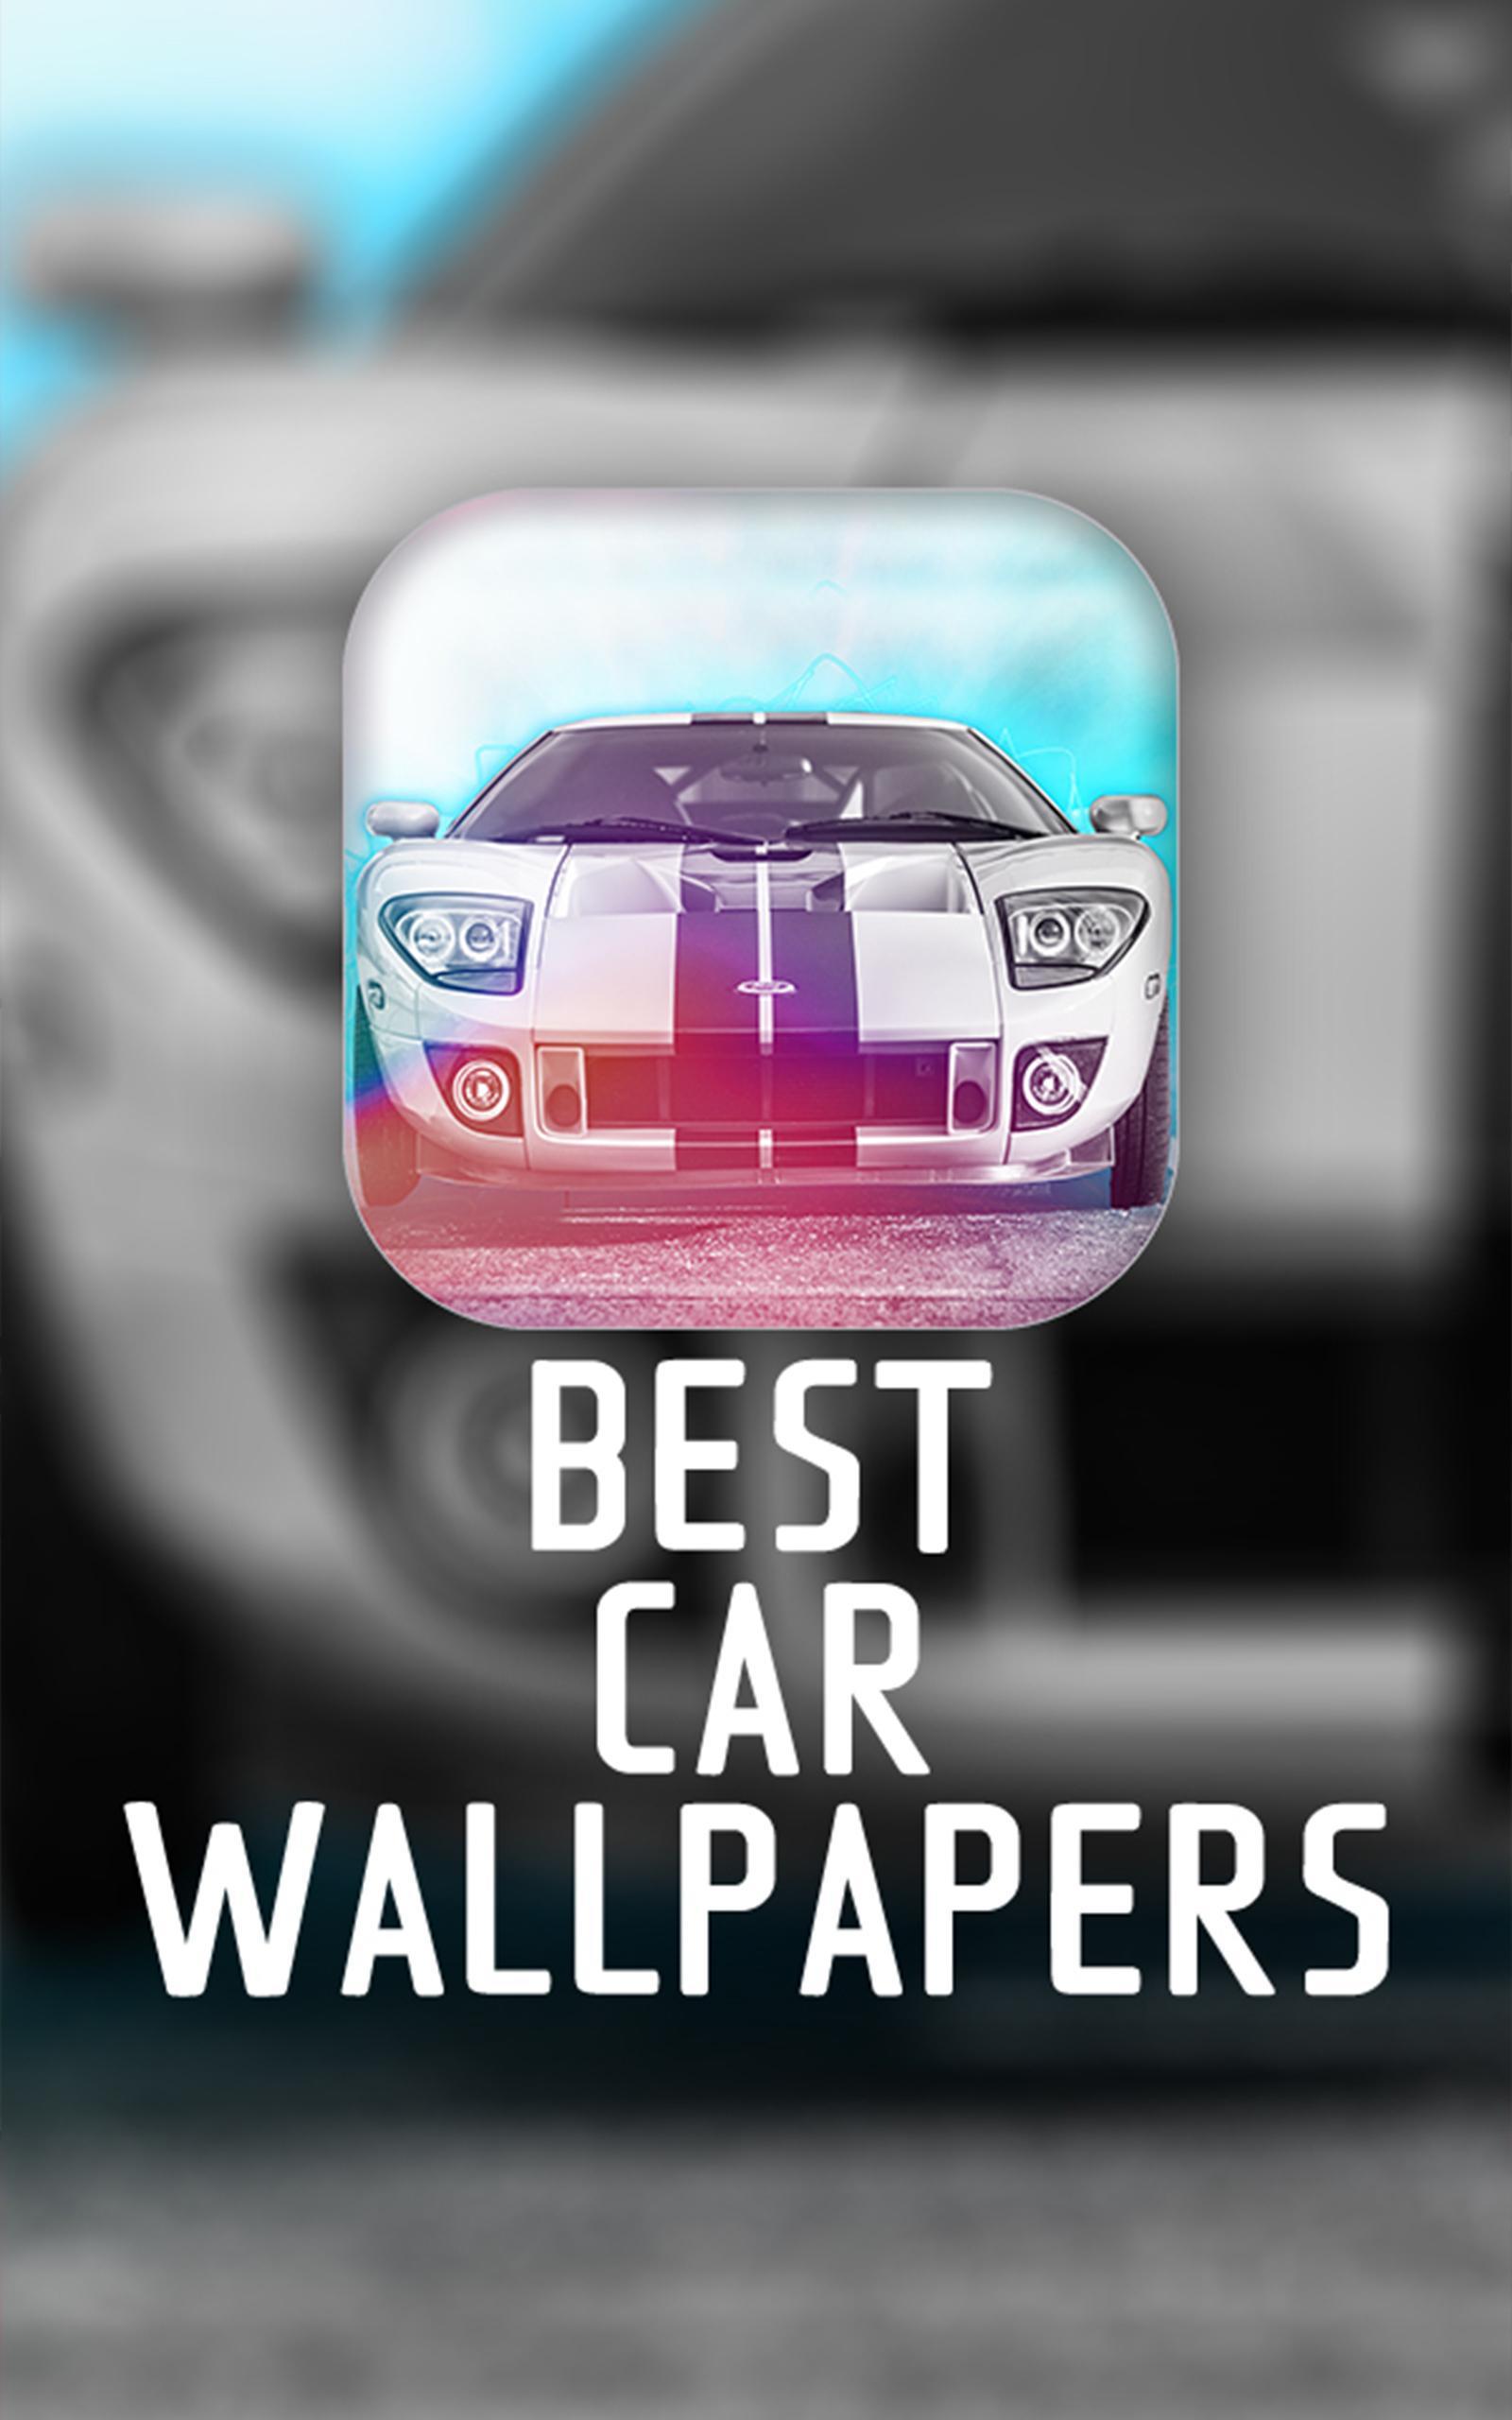 beste hintergrundbilder autos fur android apk herunterladen beste hintergrundbilder autos fur